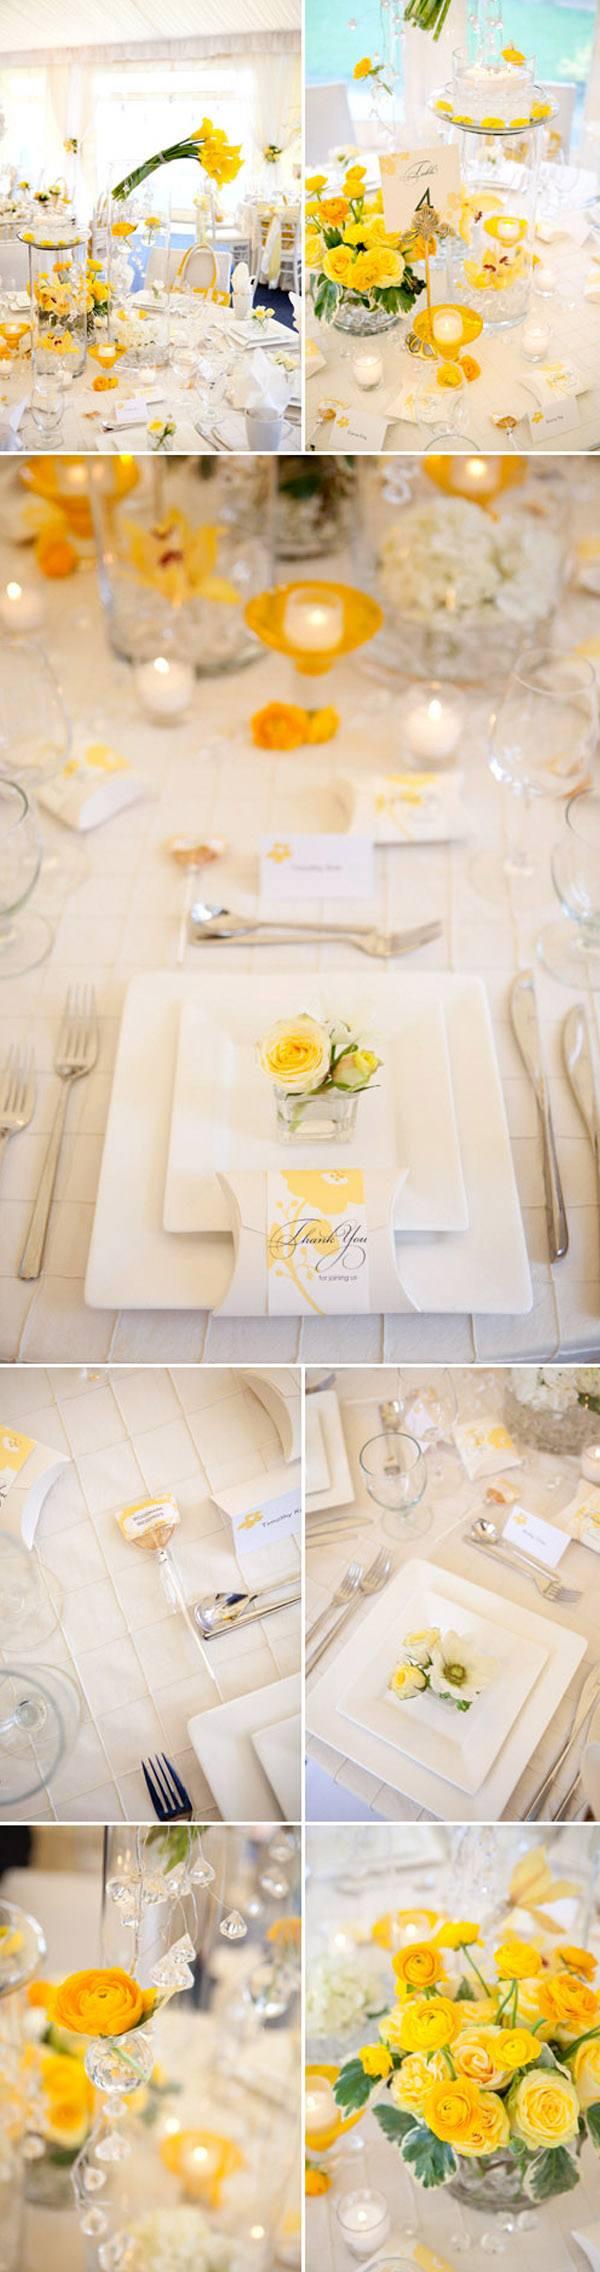 Decoración de mesa en amarillo amarillo_1_600x2272